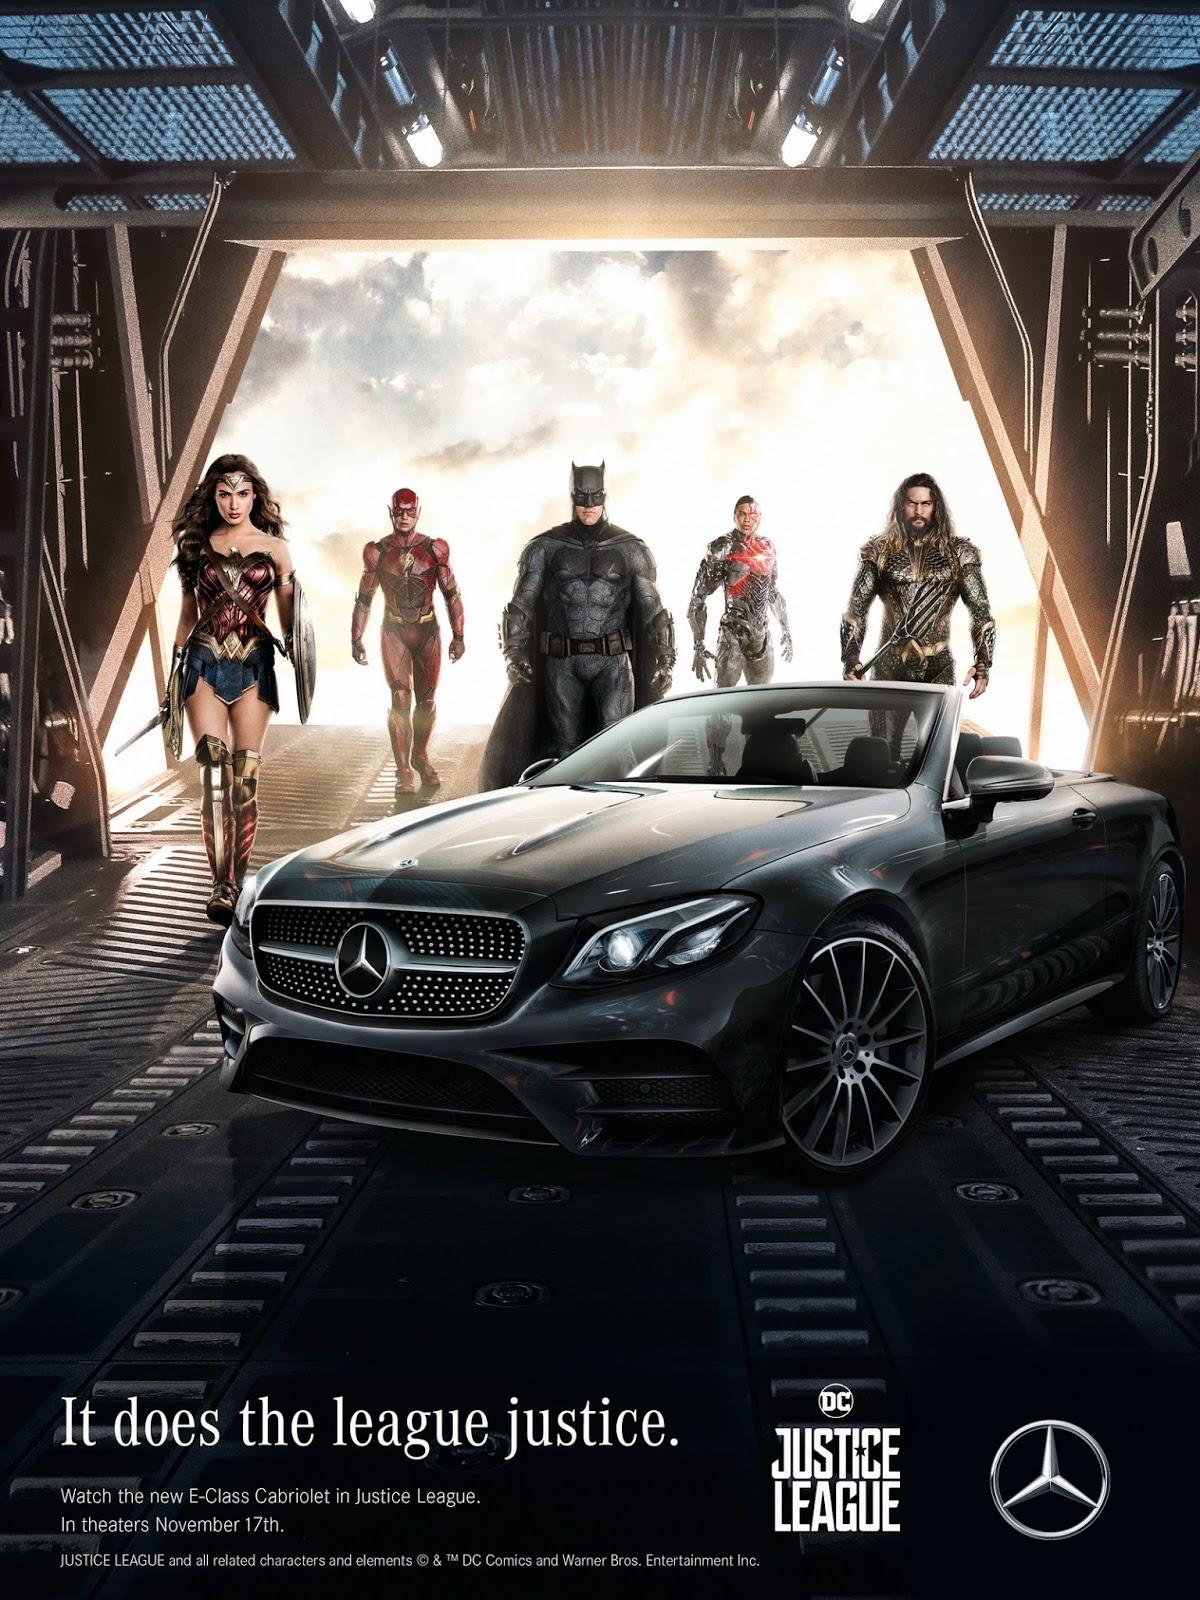 Mercedes - Justice League